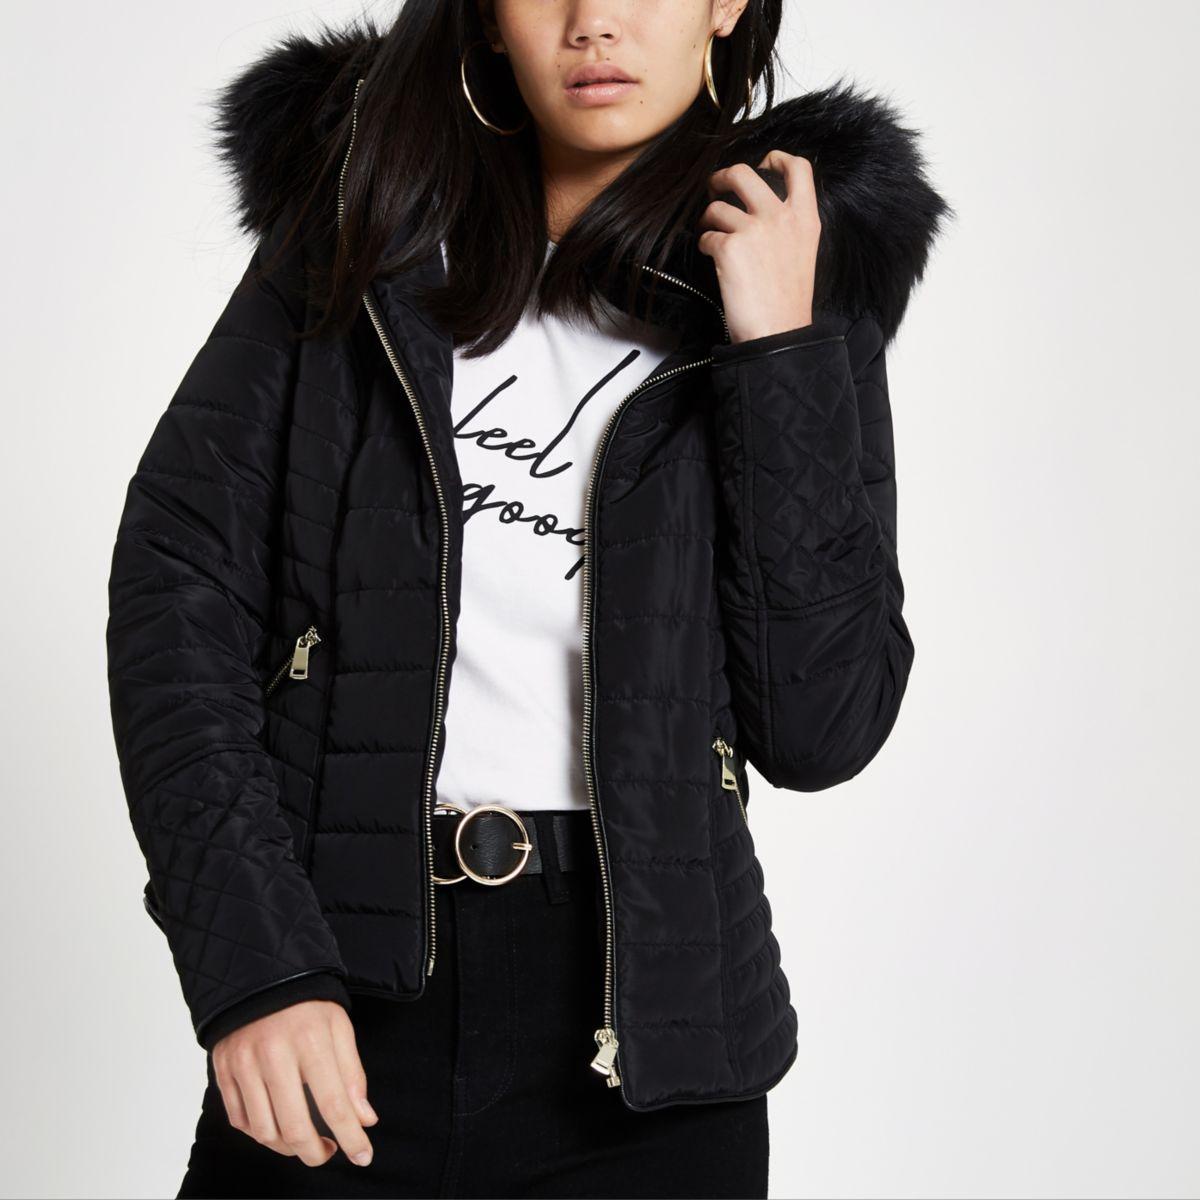 Zwarte gewatteerde jas met capuchon van imitatiebont en lange mouwen